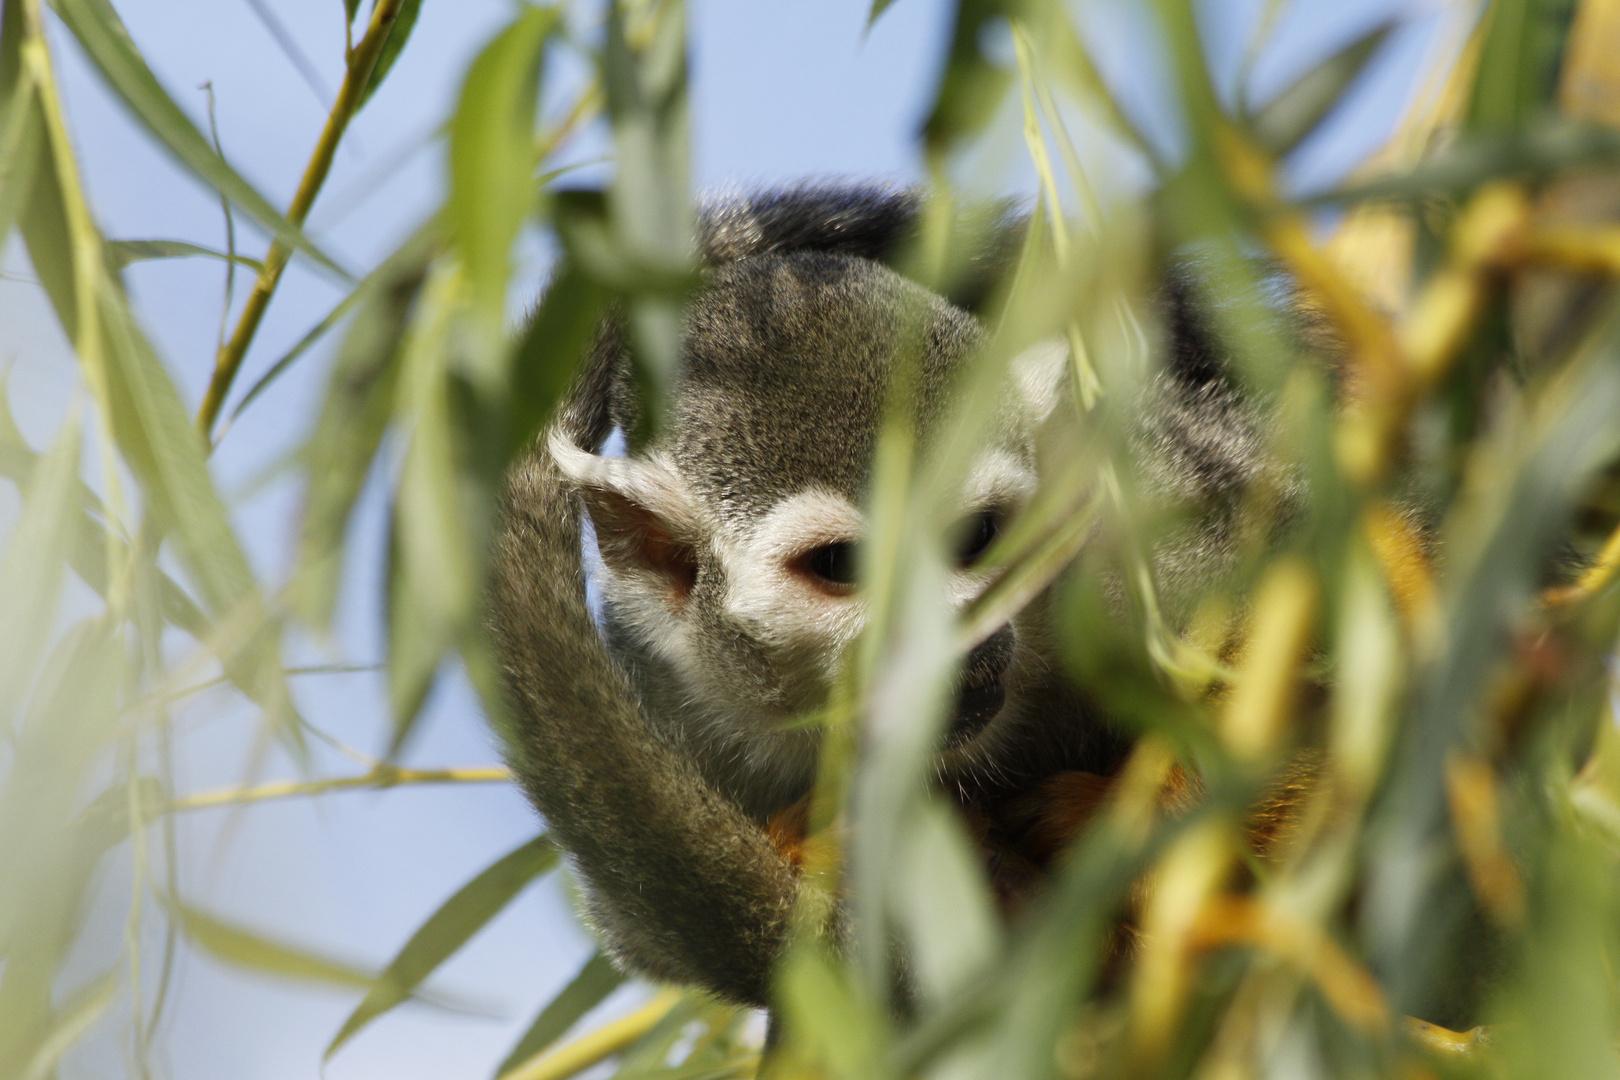 Totenkopfäffchen im Bambus